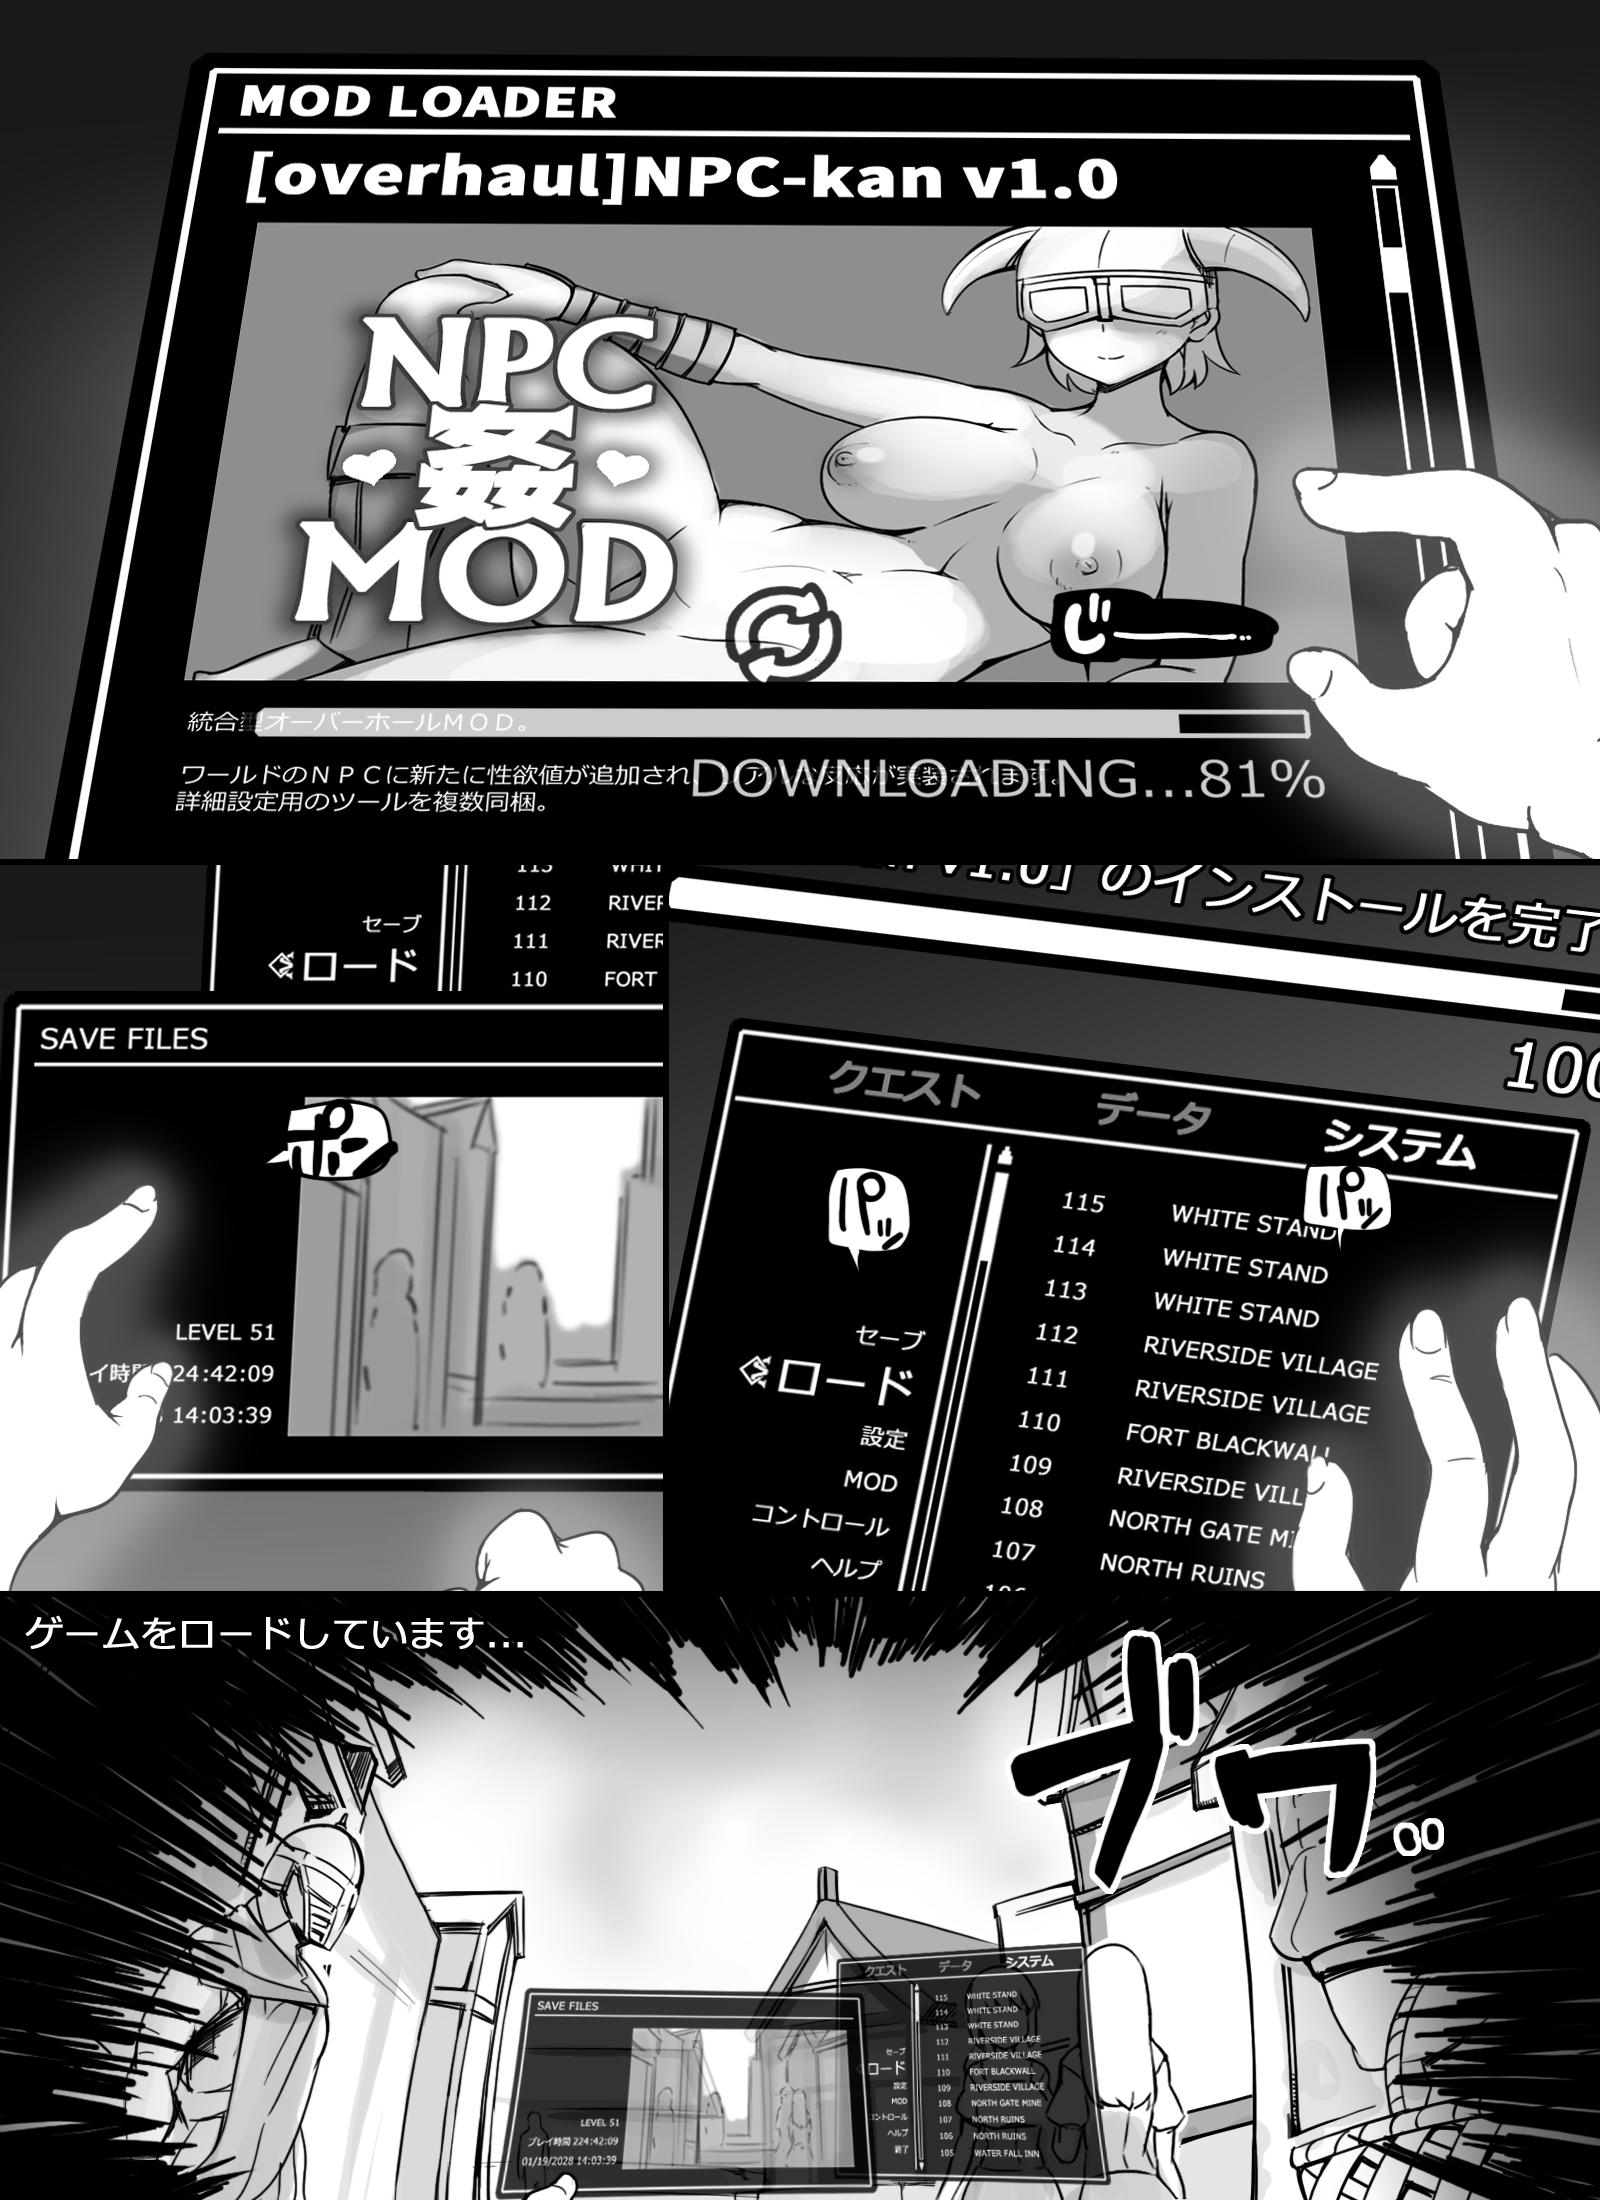 npc02 VRゲームの世界でNPC相手にとにかくヤリまくるエロ漫画がこれwww【エロ漫画:NPC姦MOD:nounanka】